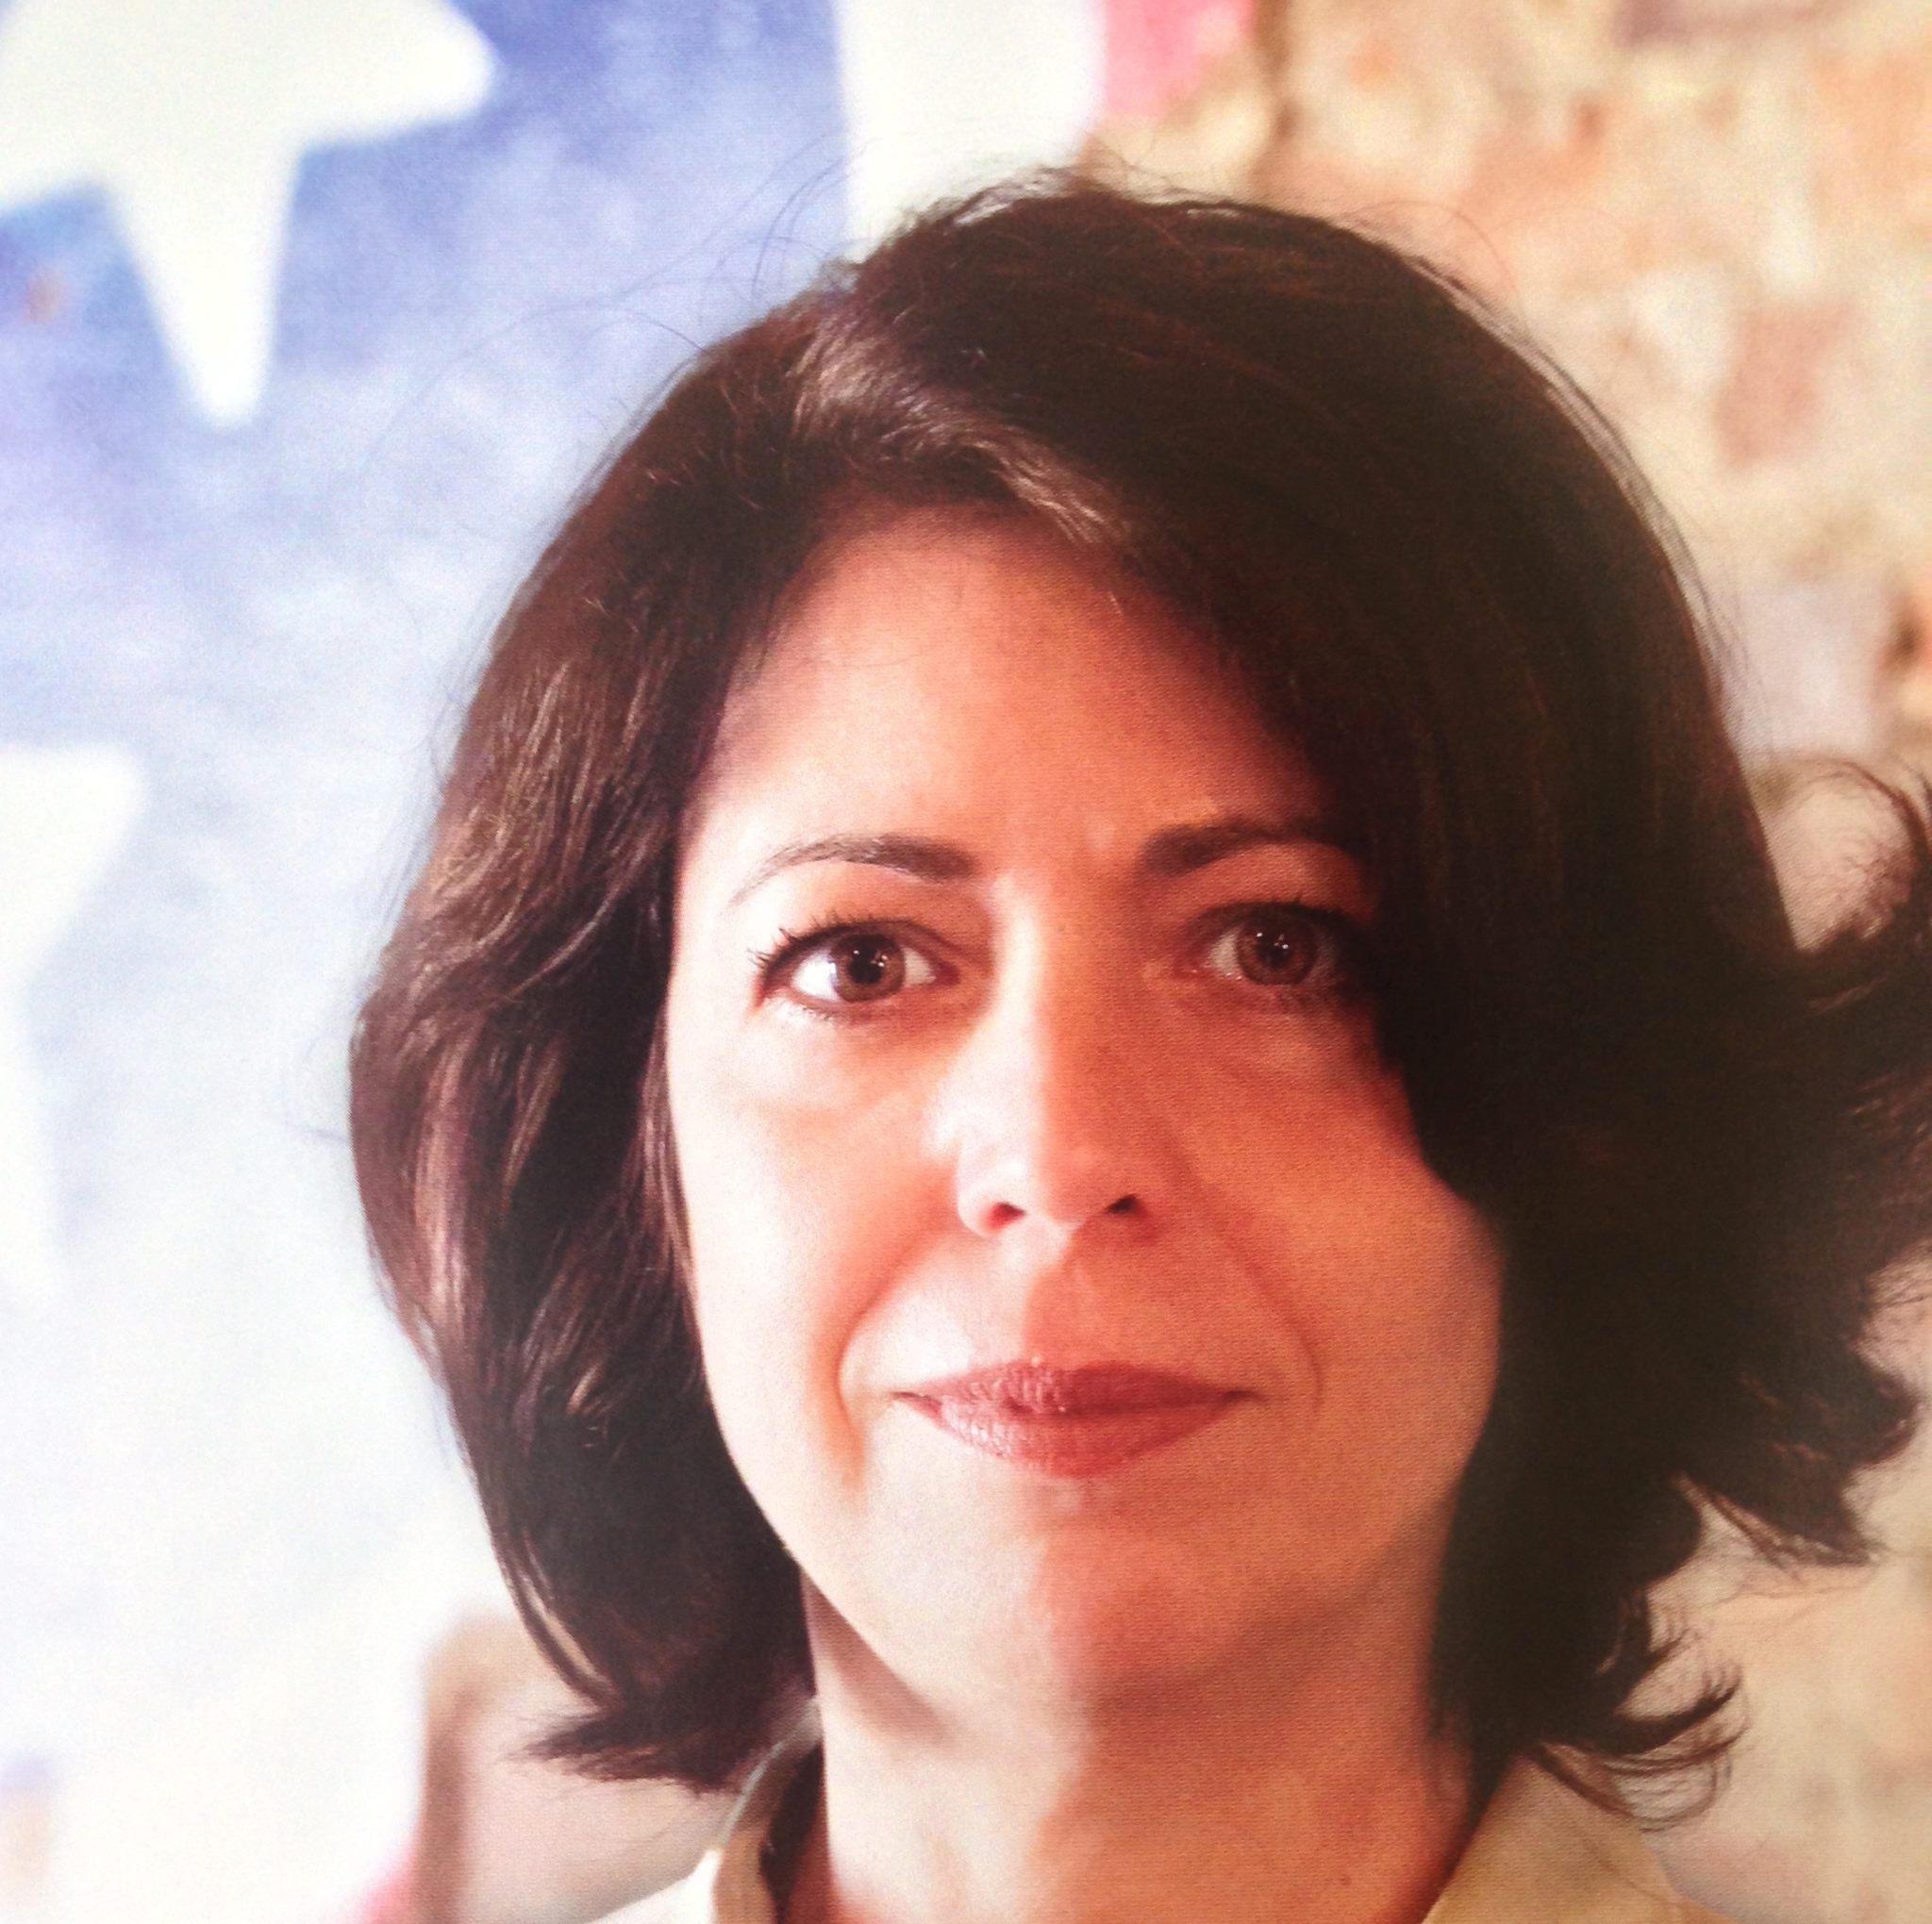 Chairwoman Mary Mancini